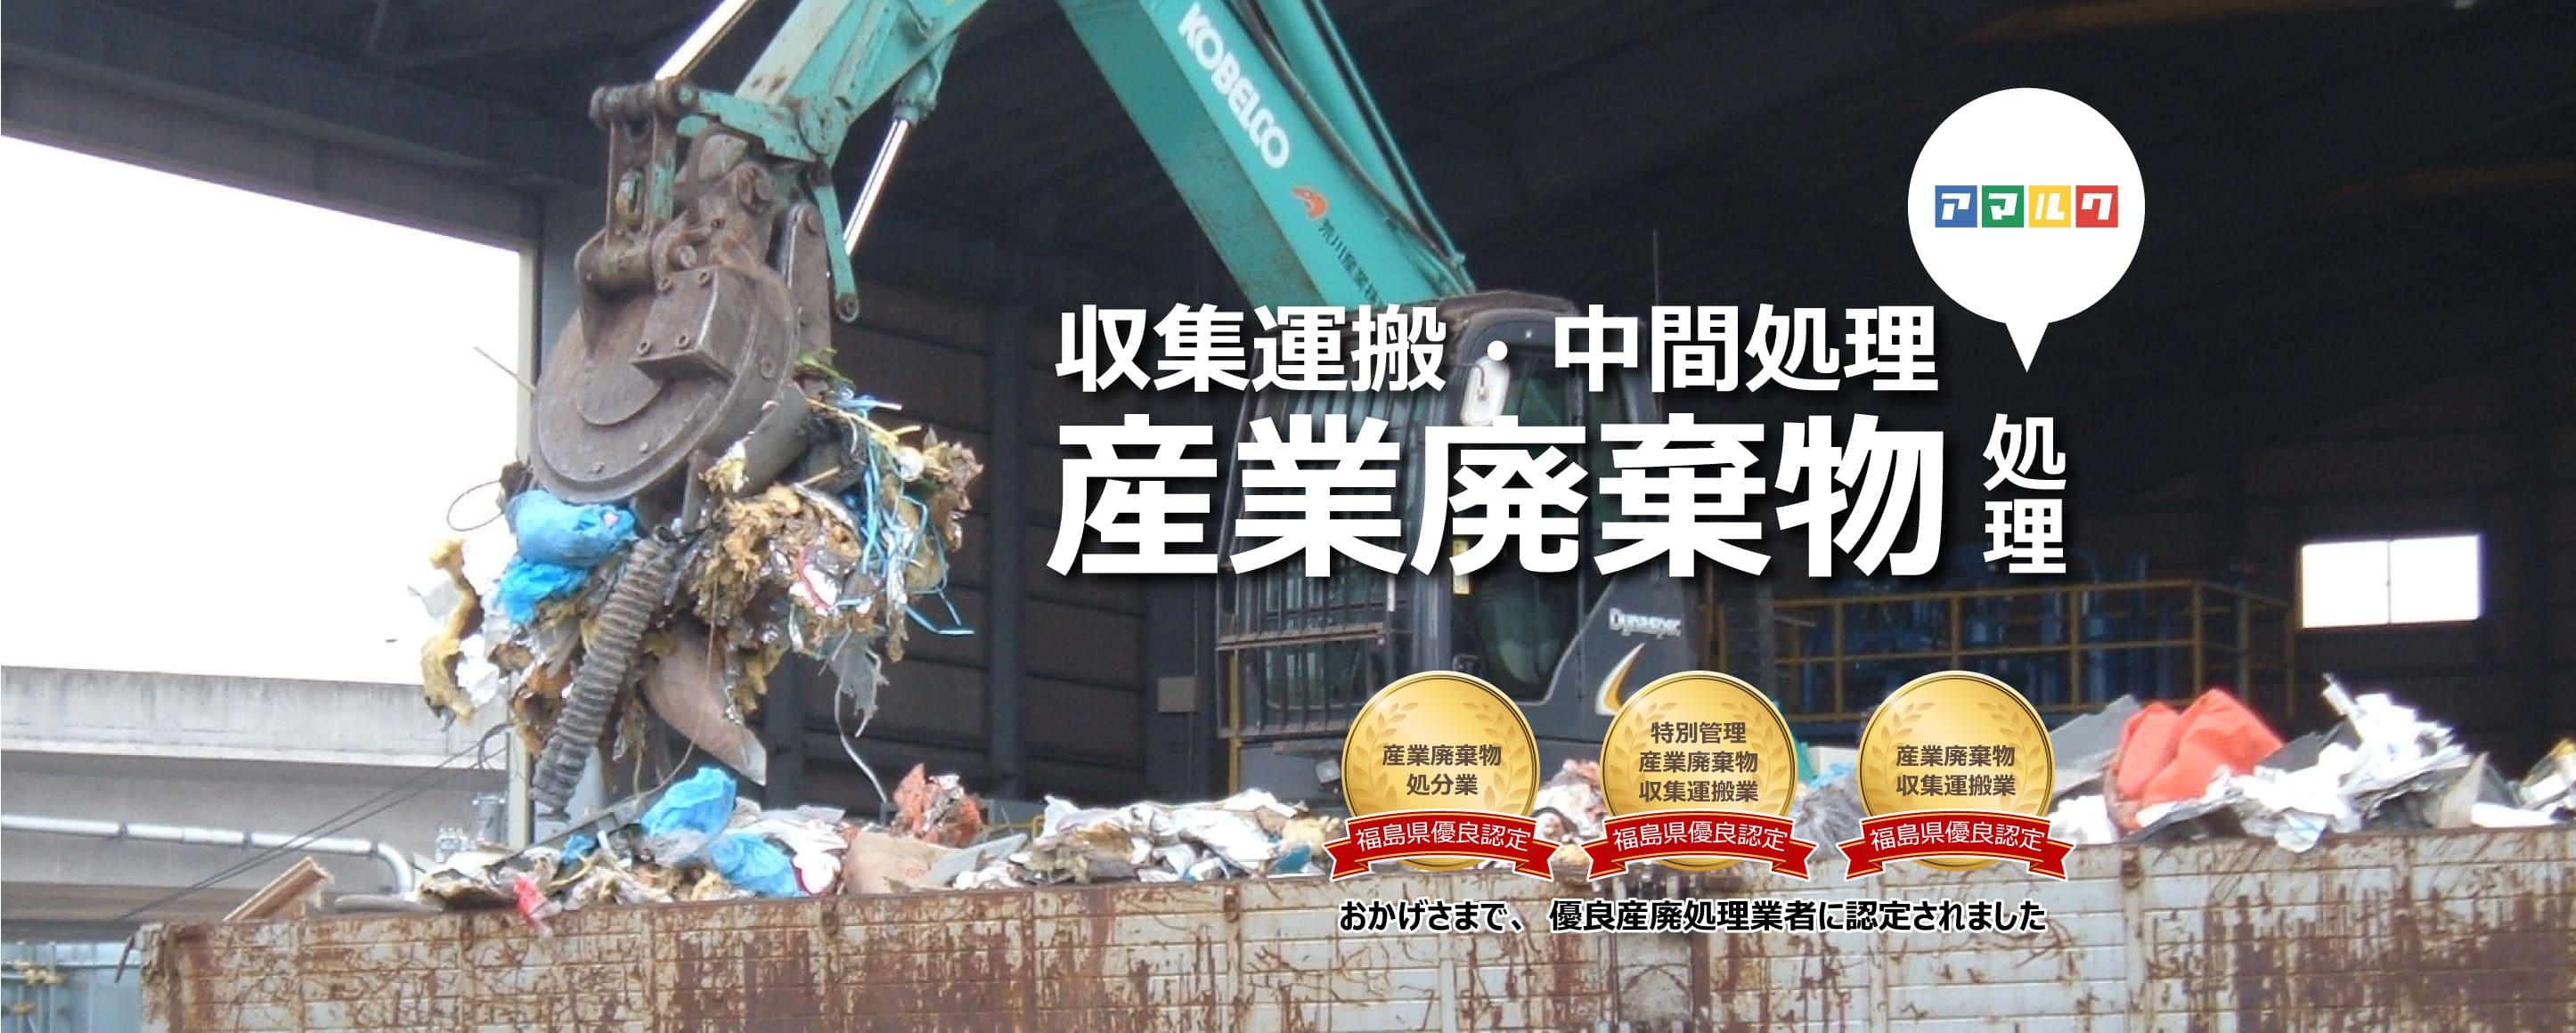 リサイクルミュージアムくるりんこ|喜多方市